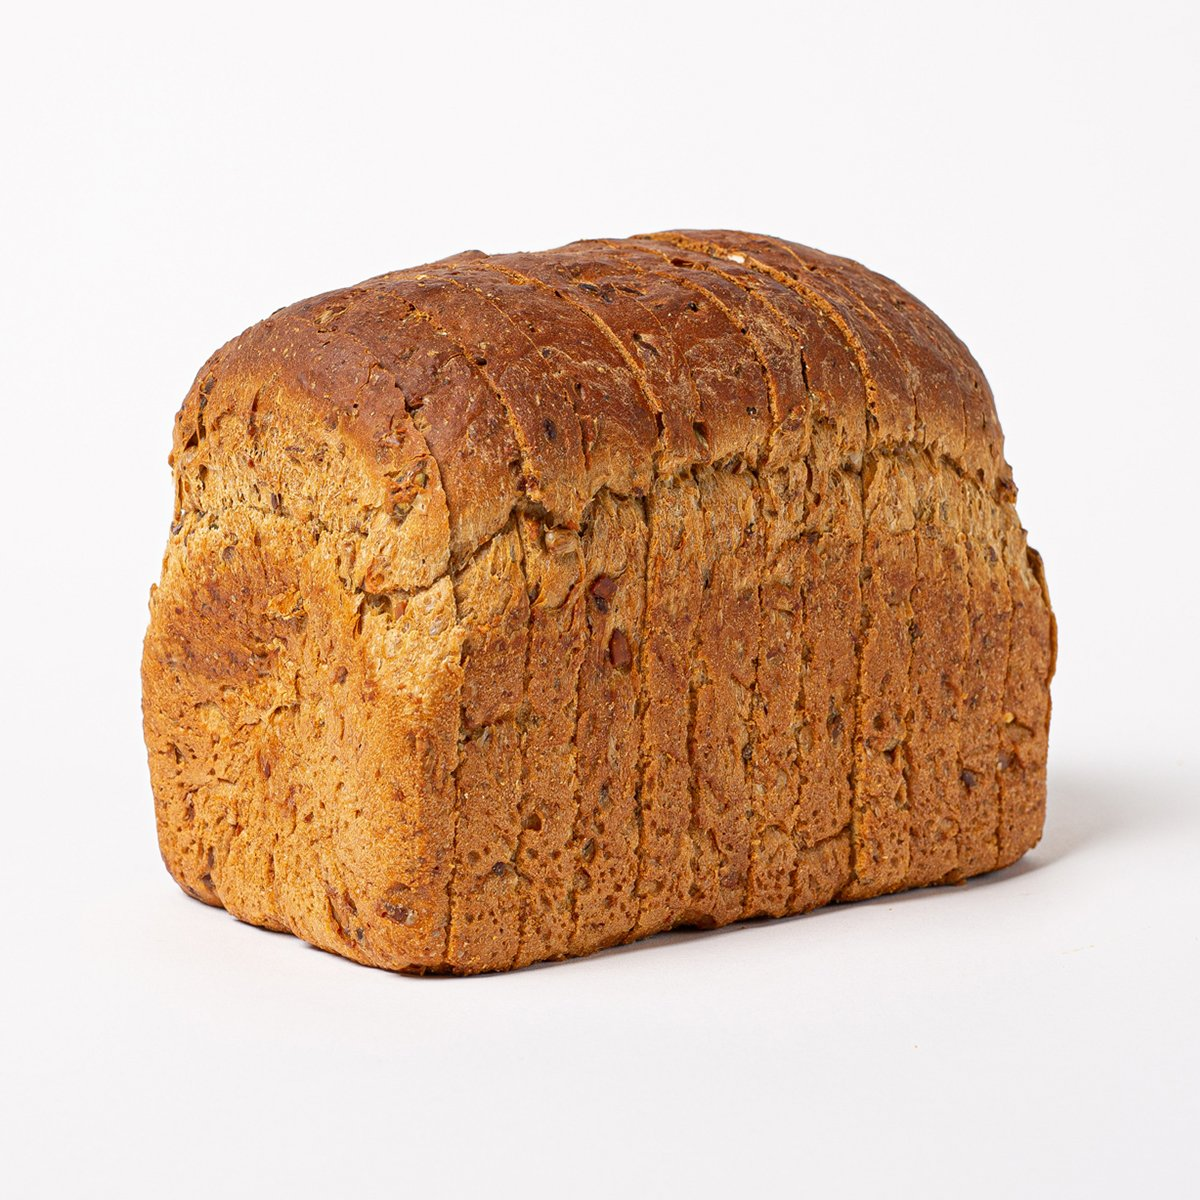 Sliced Multiseed Loaf